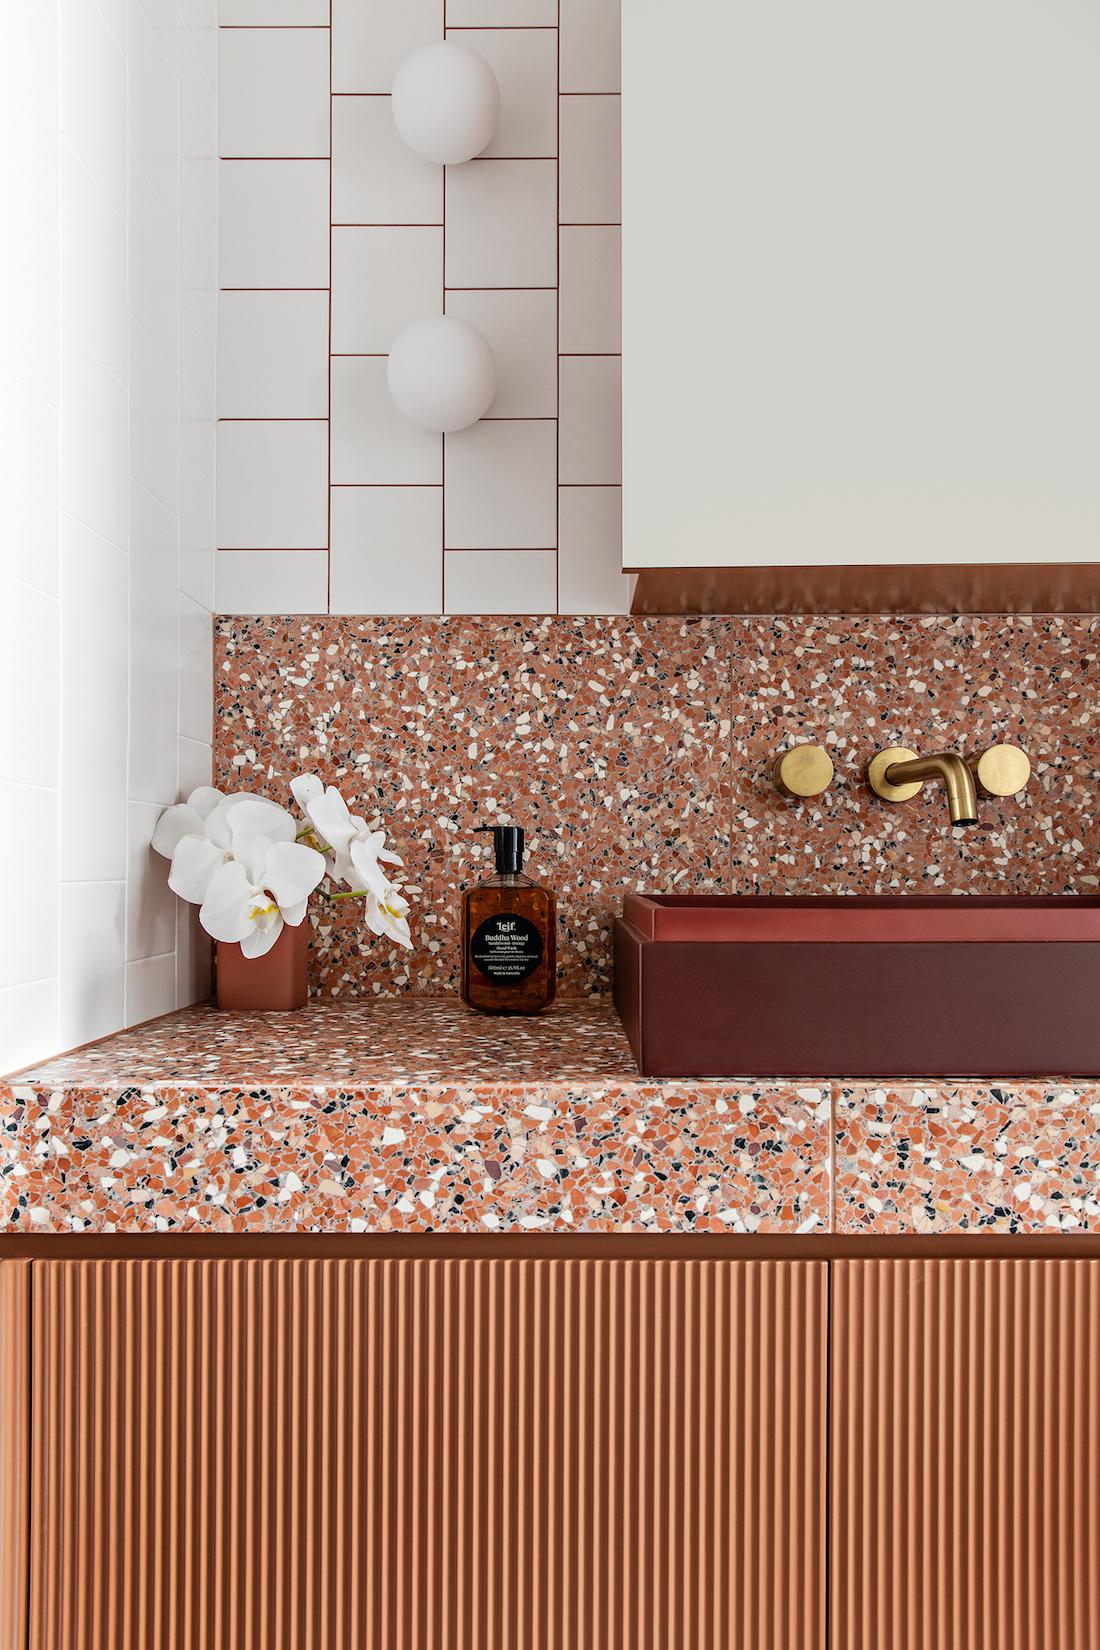 Bathroom featuring Fibonacci Stone terrazzo Fatima's Reflection